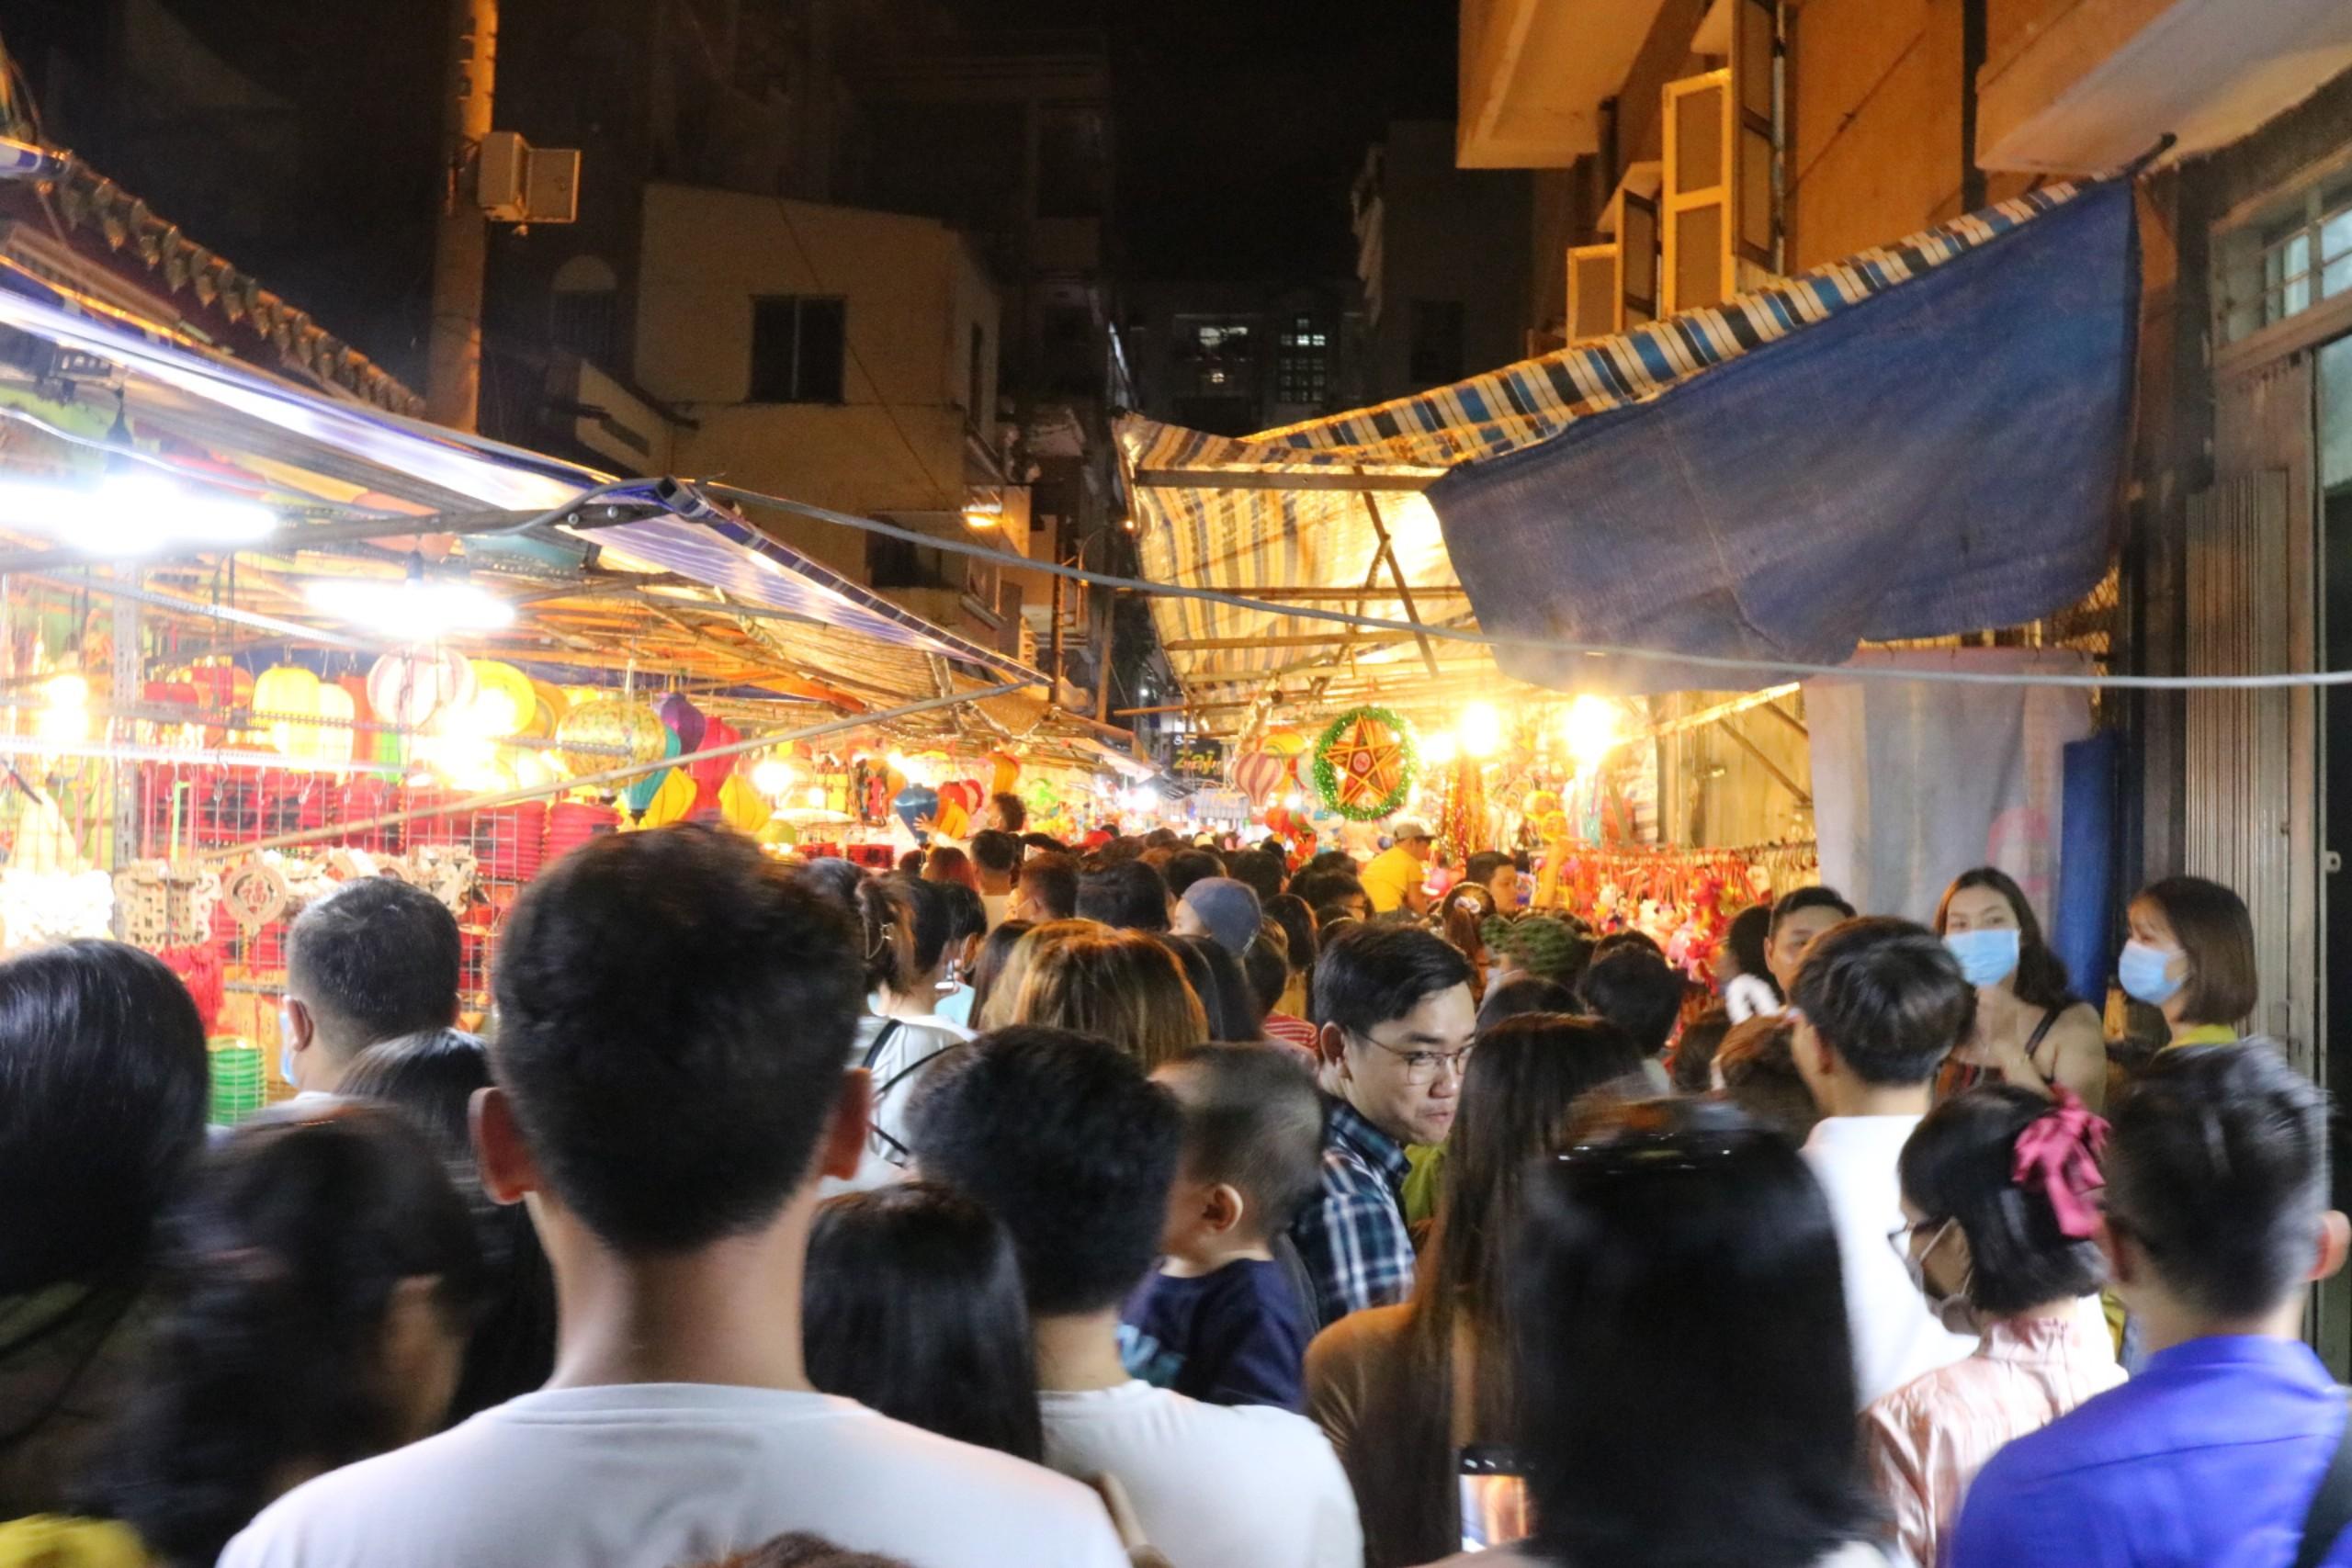 Biết là sẽ đông nhưng nhiều người vẫn tìm đến phố lồng đèn với hy vọng có được những giây phút đúng nghĩa mùa Trung thu.